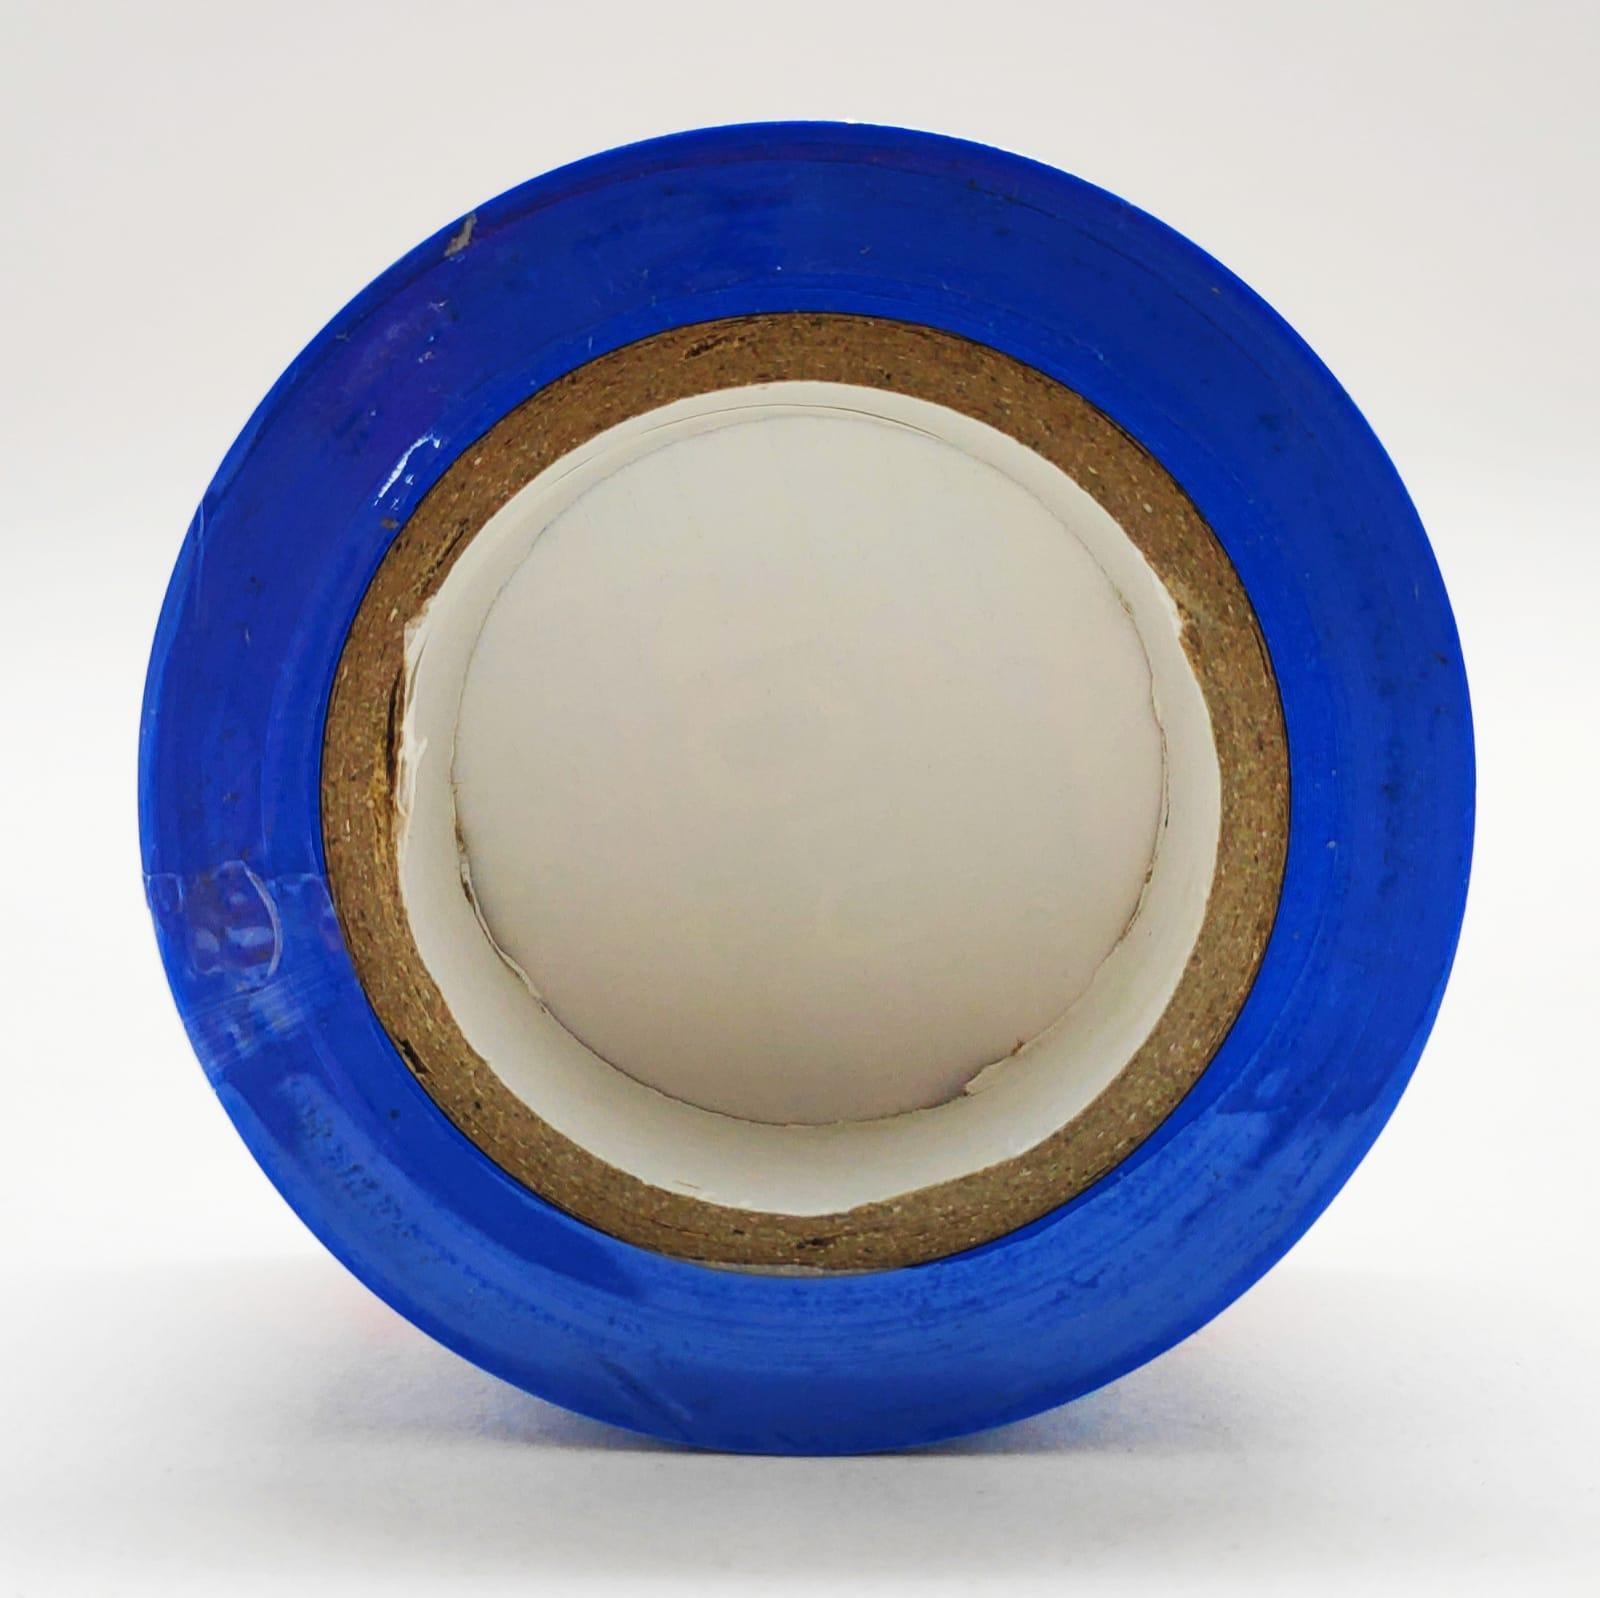 Fita Isolante Azul 19mm X 10M - GMI